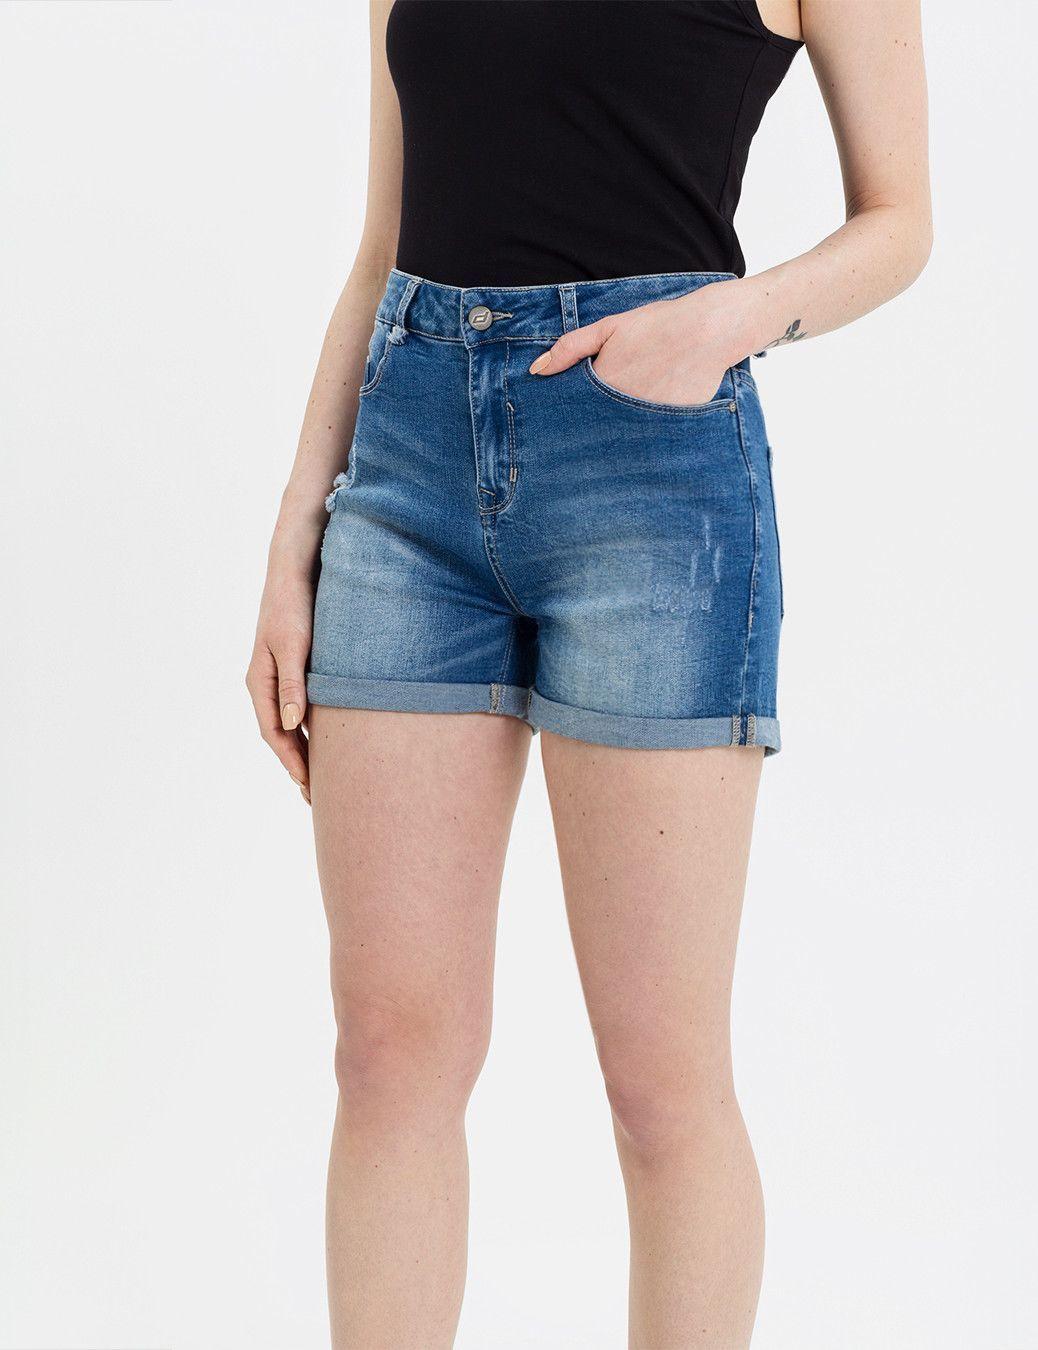 Šortky dámské BUNTA jeans - Sasoo.cz – nejpřívětivější eshop s  individuálním přístupem. 7837ab2cf6